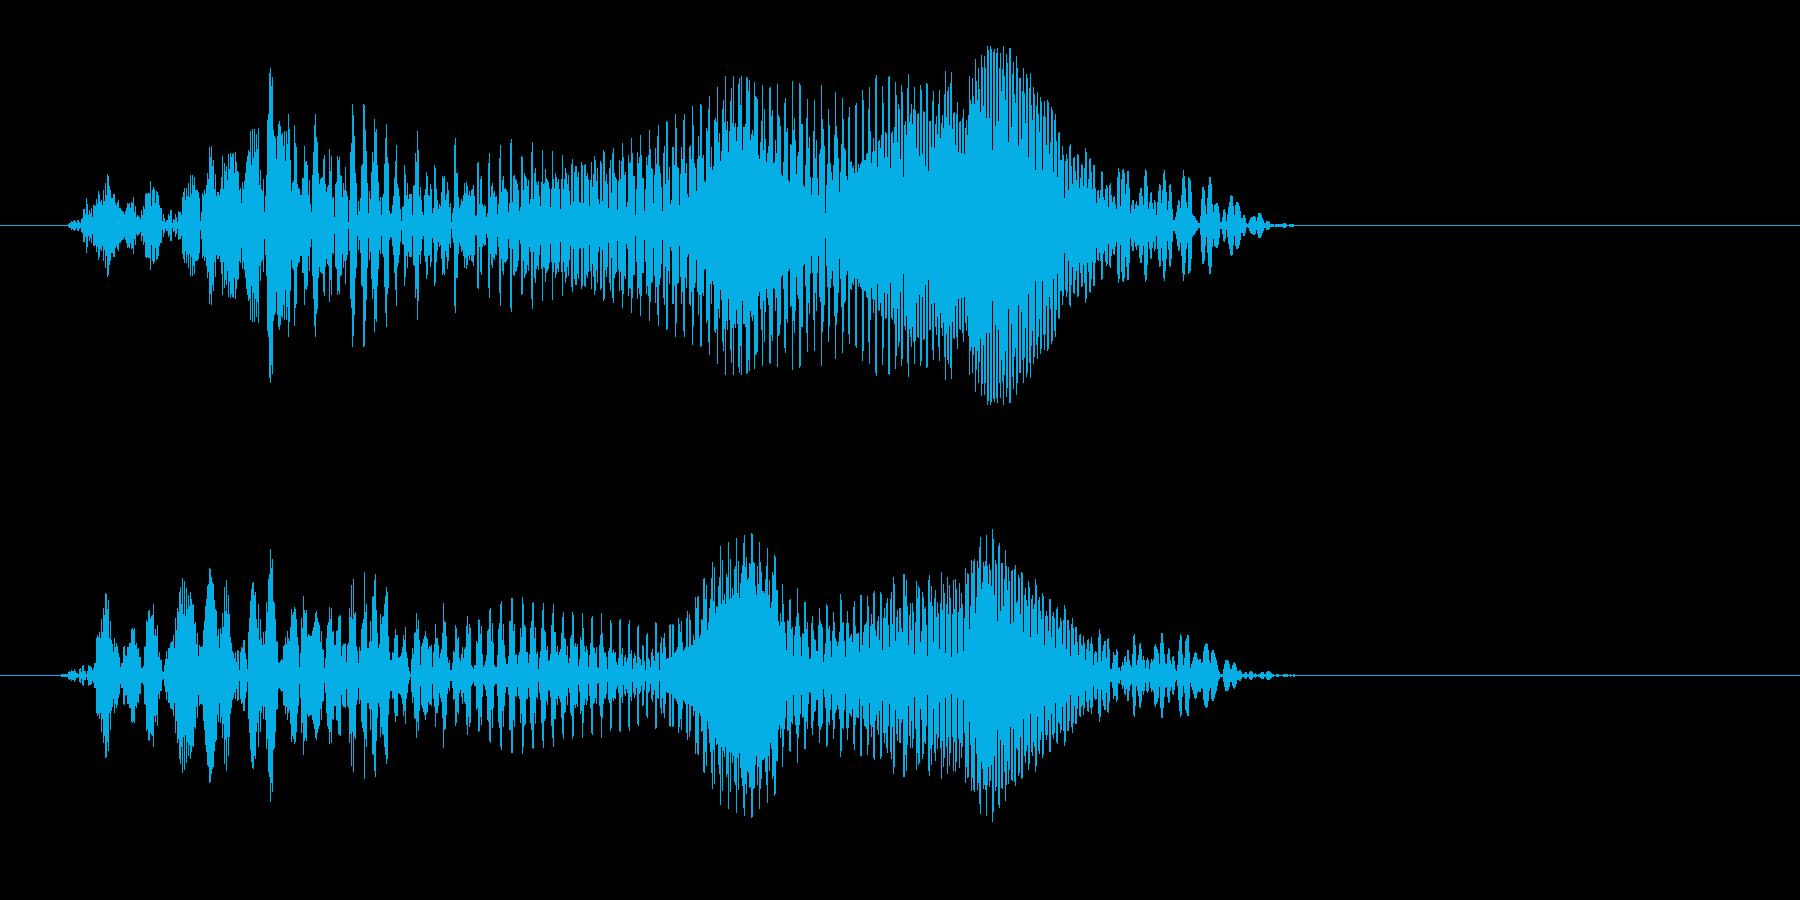 あうっっ(小動物の悲鳴のような効果音)の再生済みの波形